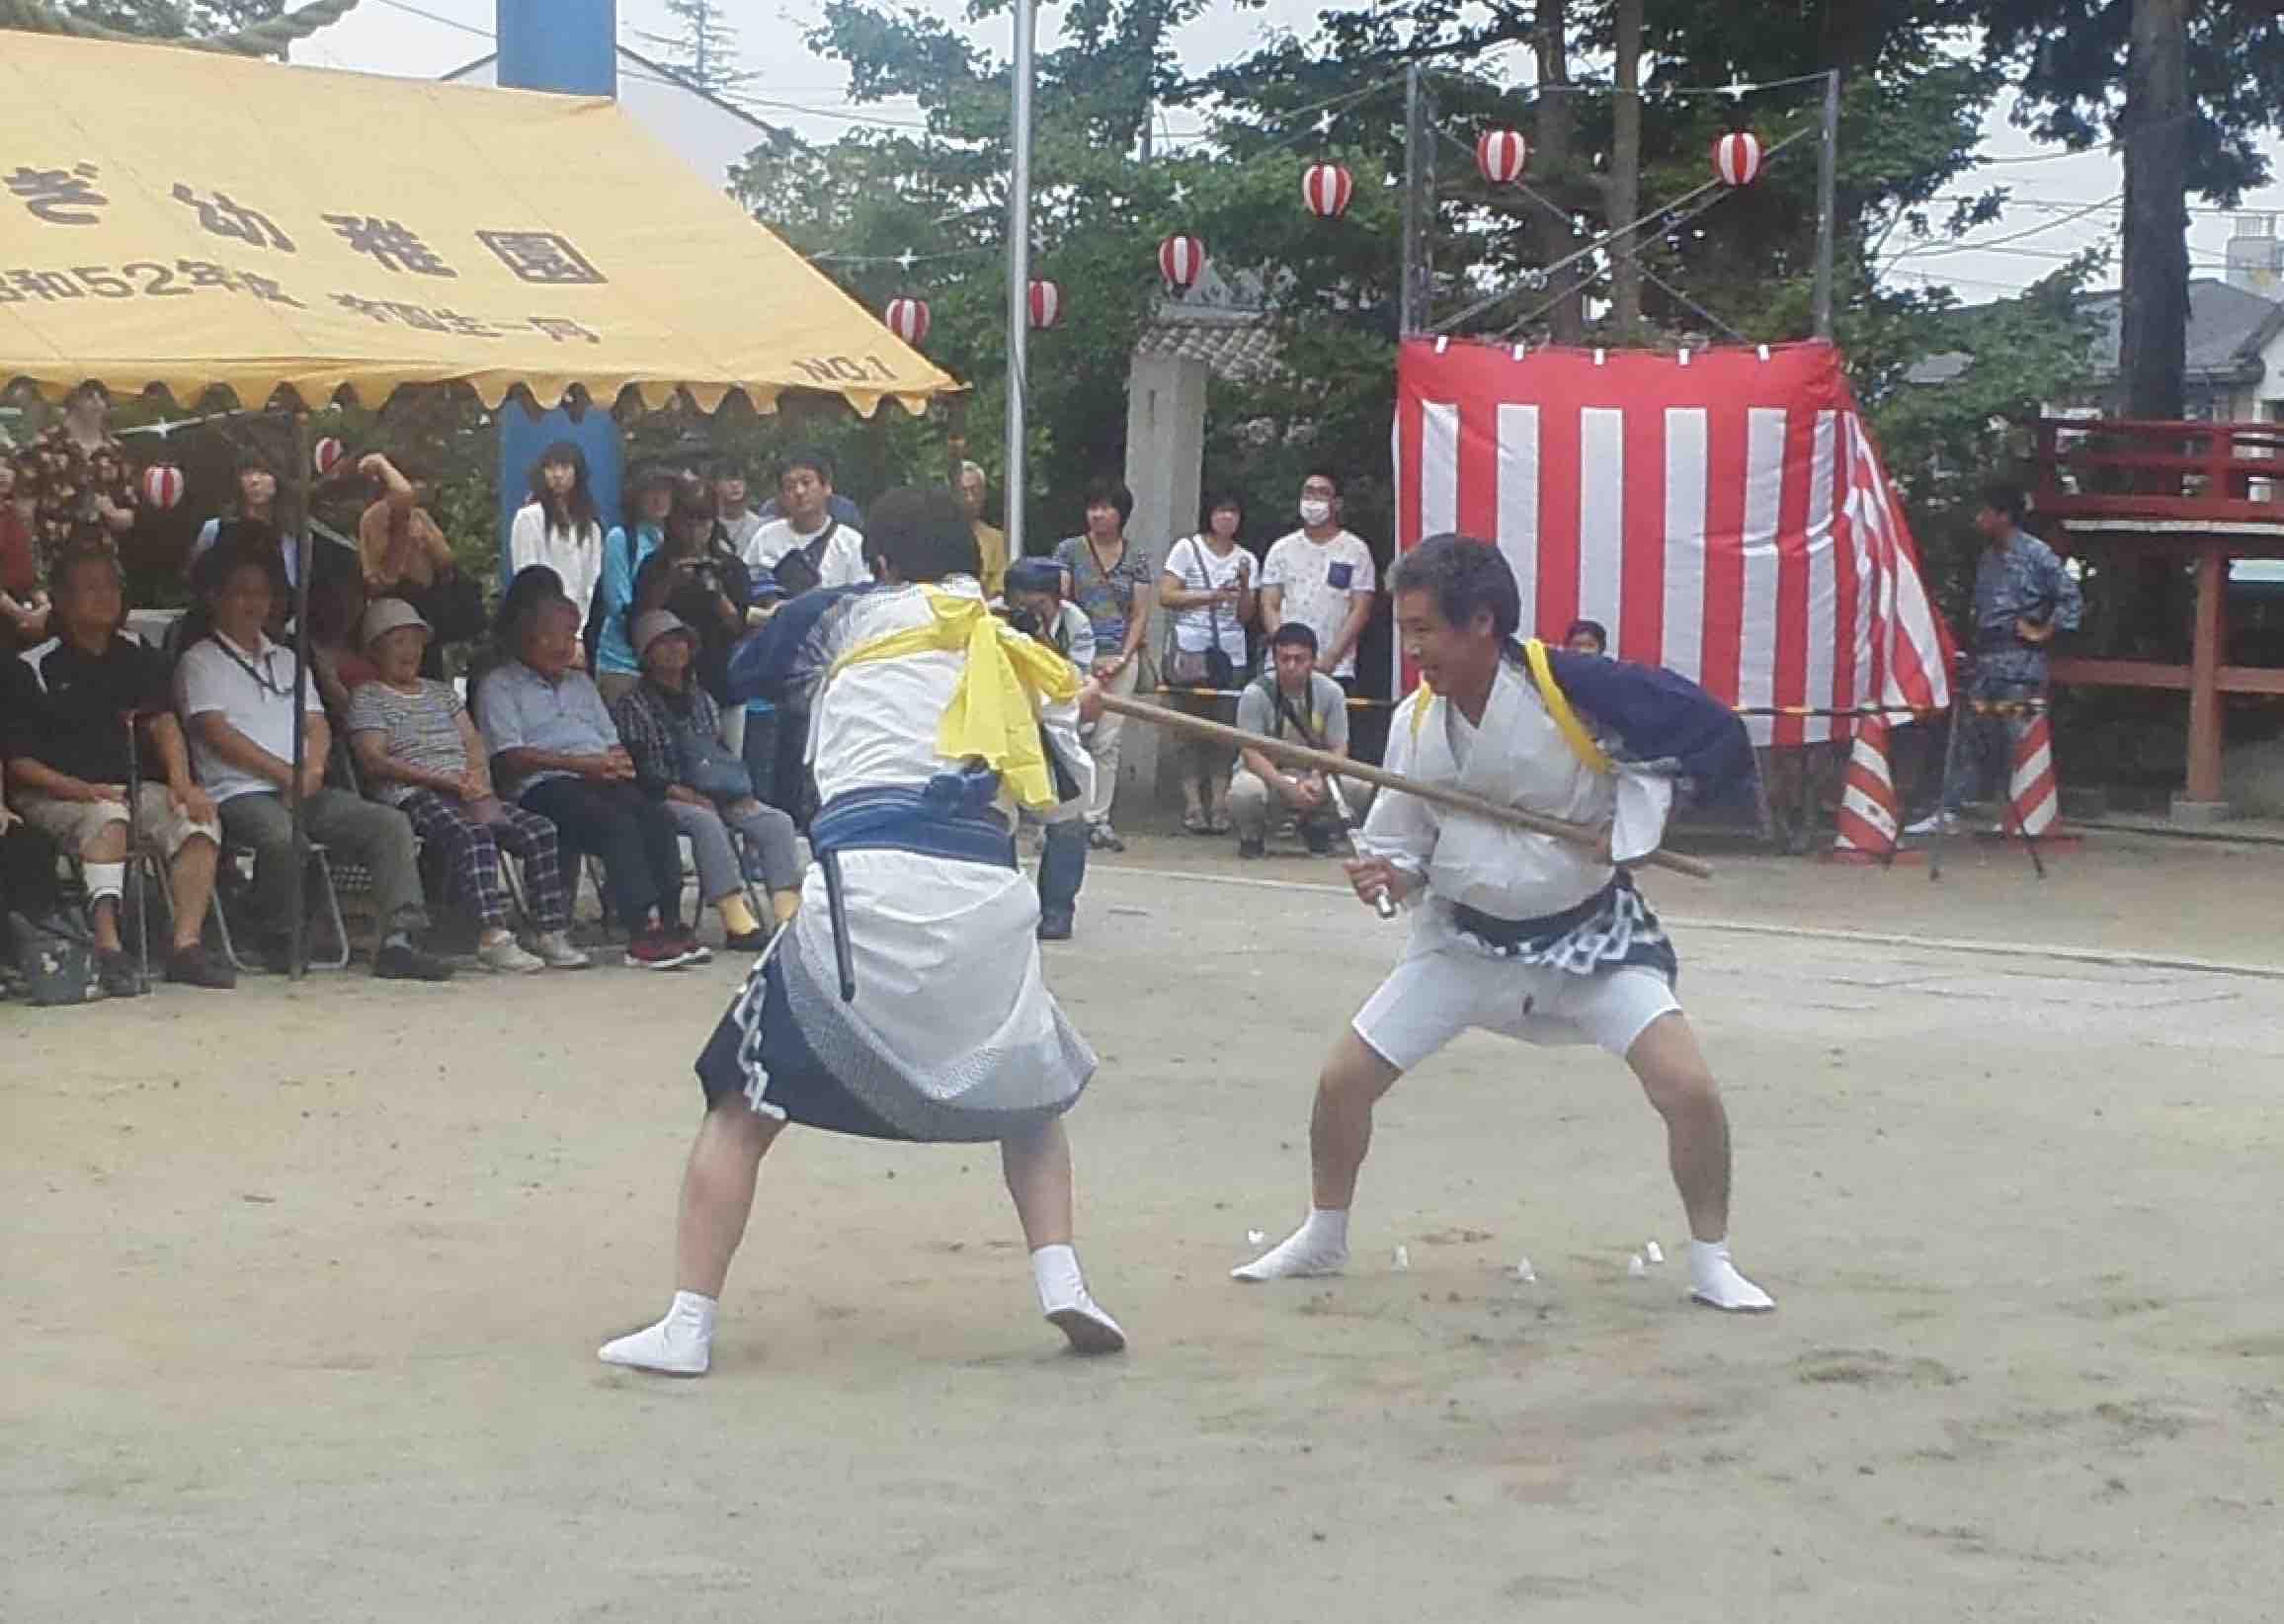 泉地区市民体育祭、小名浜諏訪神社夏祭の棒ささら_e0068696_74702.jpg